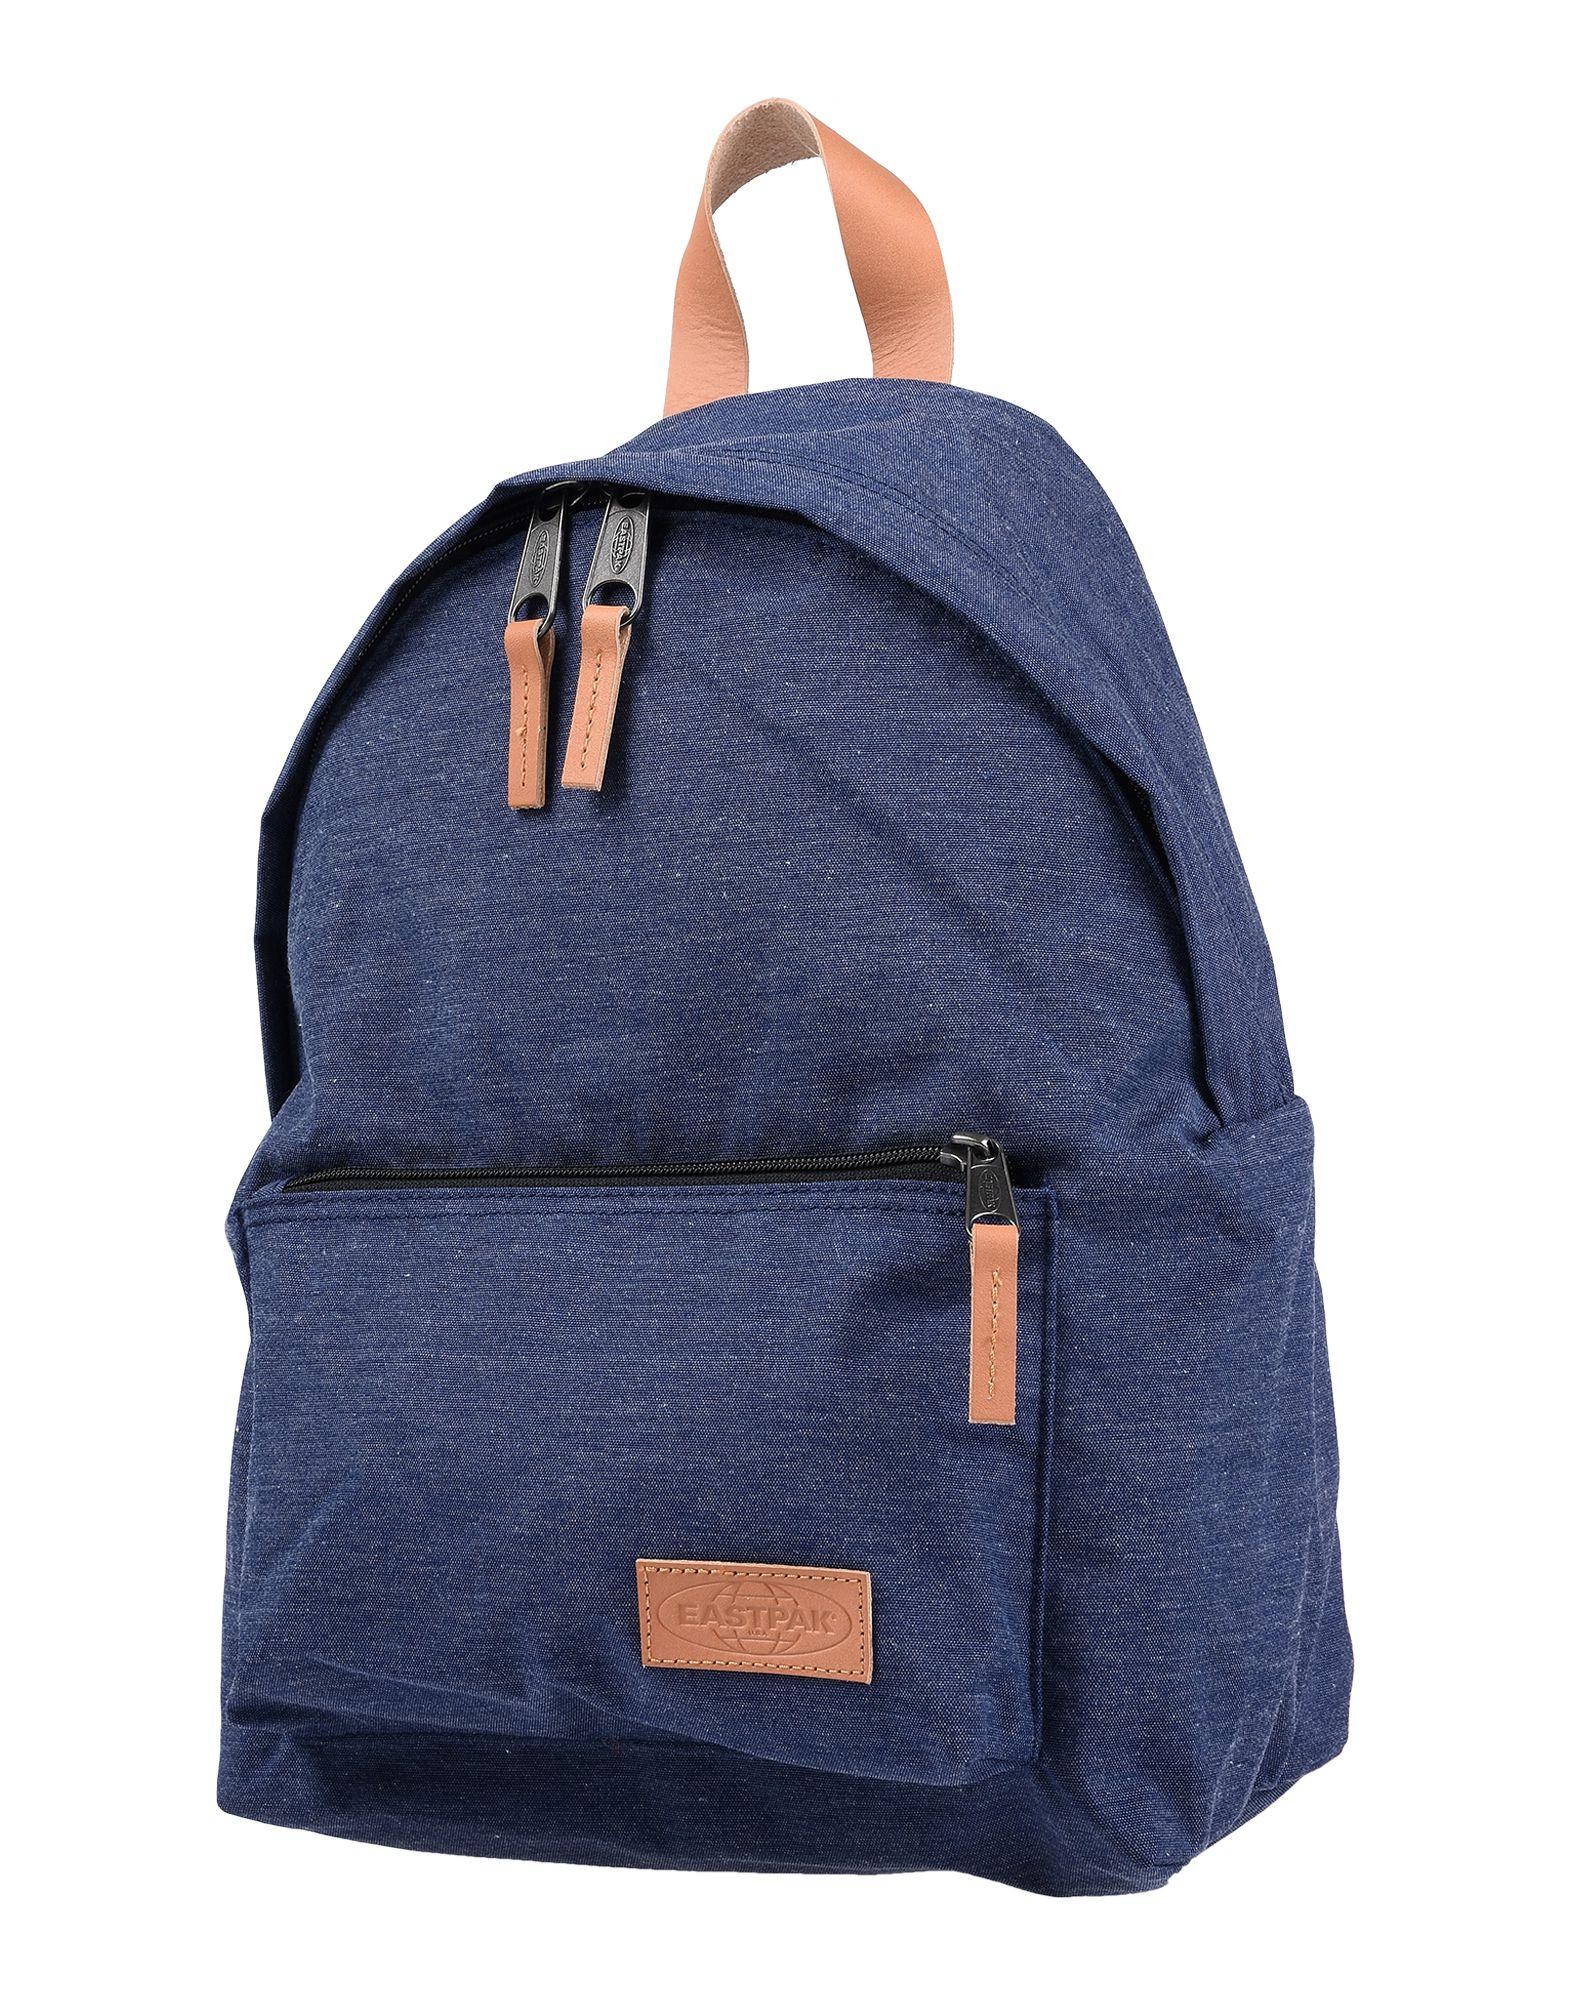 EASTPAK Рюкзаки и сумки на пояс hanerou cute keychain рюкзаки для девочек мода tassel женщины рюкзак женский красочный daypack schoolbag кожаные наплечные сумки